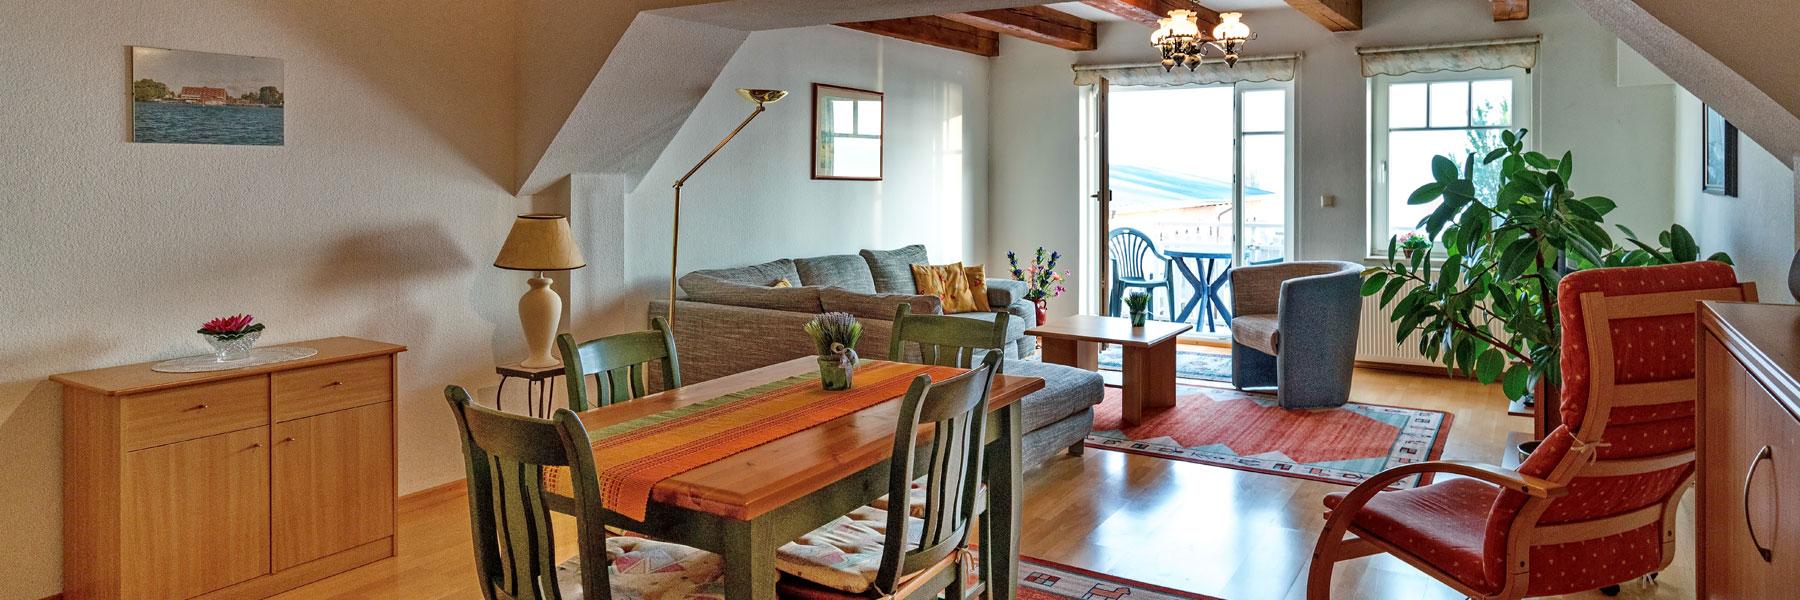 Wohnzimmer - Ferienappartement Bork